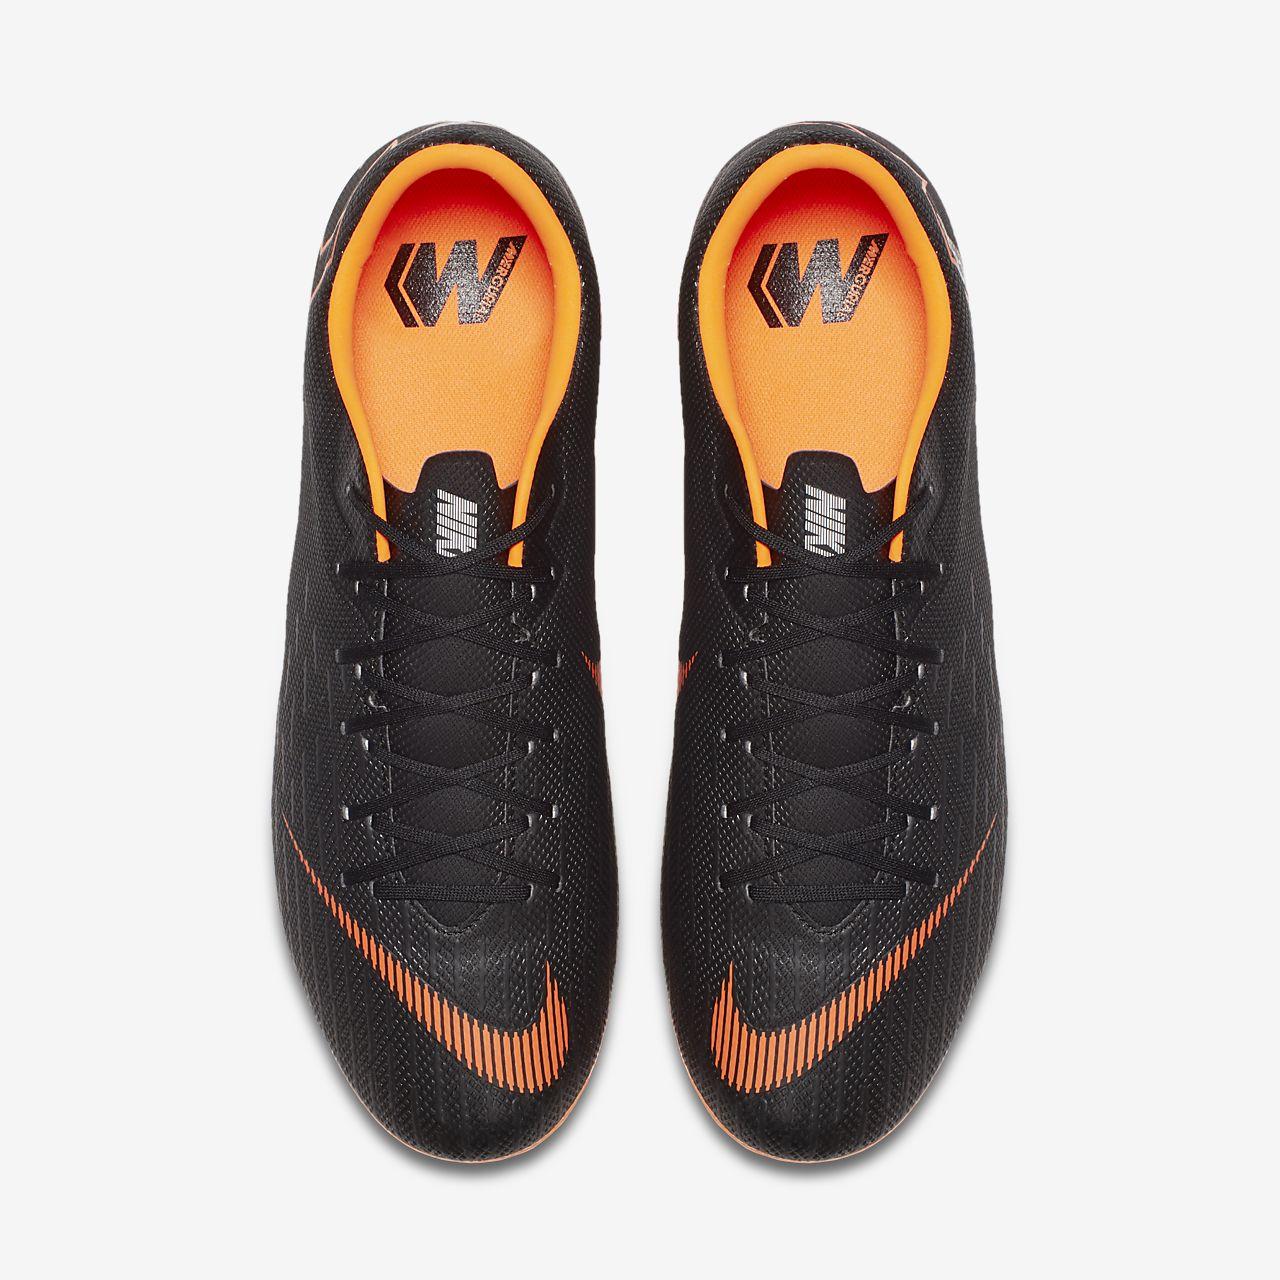 the best attitude 88812 871f4 norway great site for all scarpe rot da ginnastica half off f1521 179d8 rot  scarpe lila